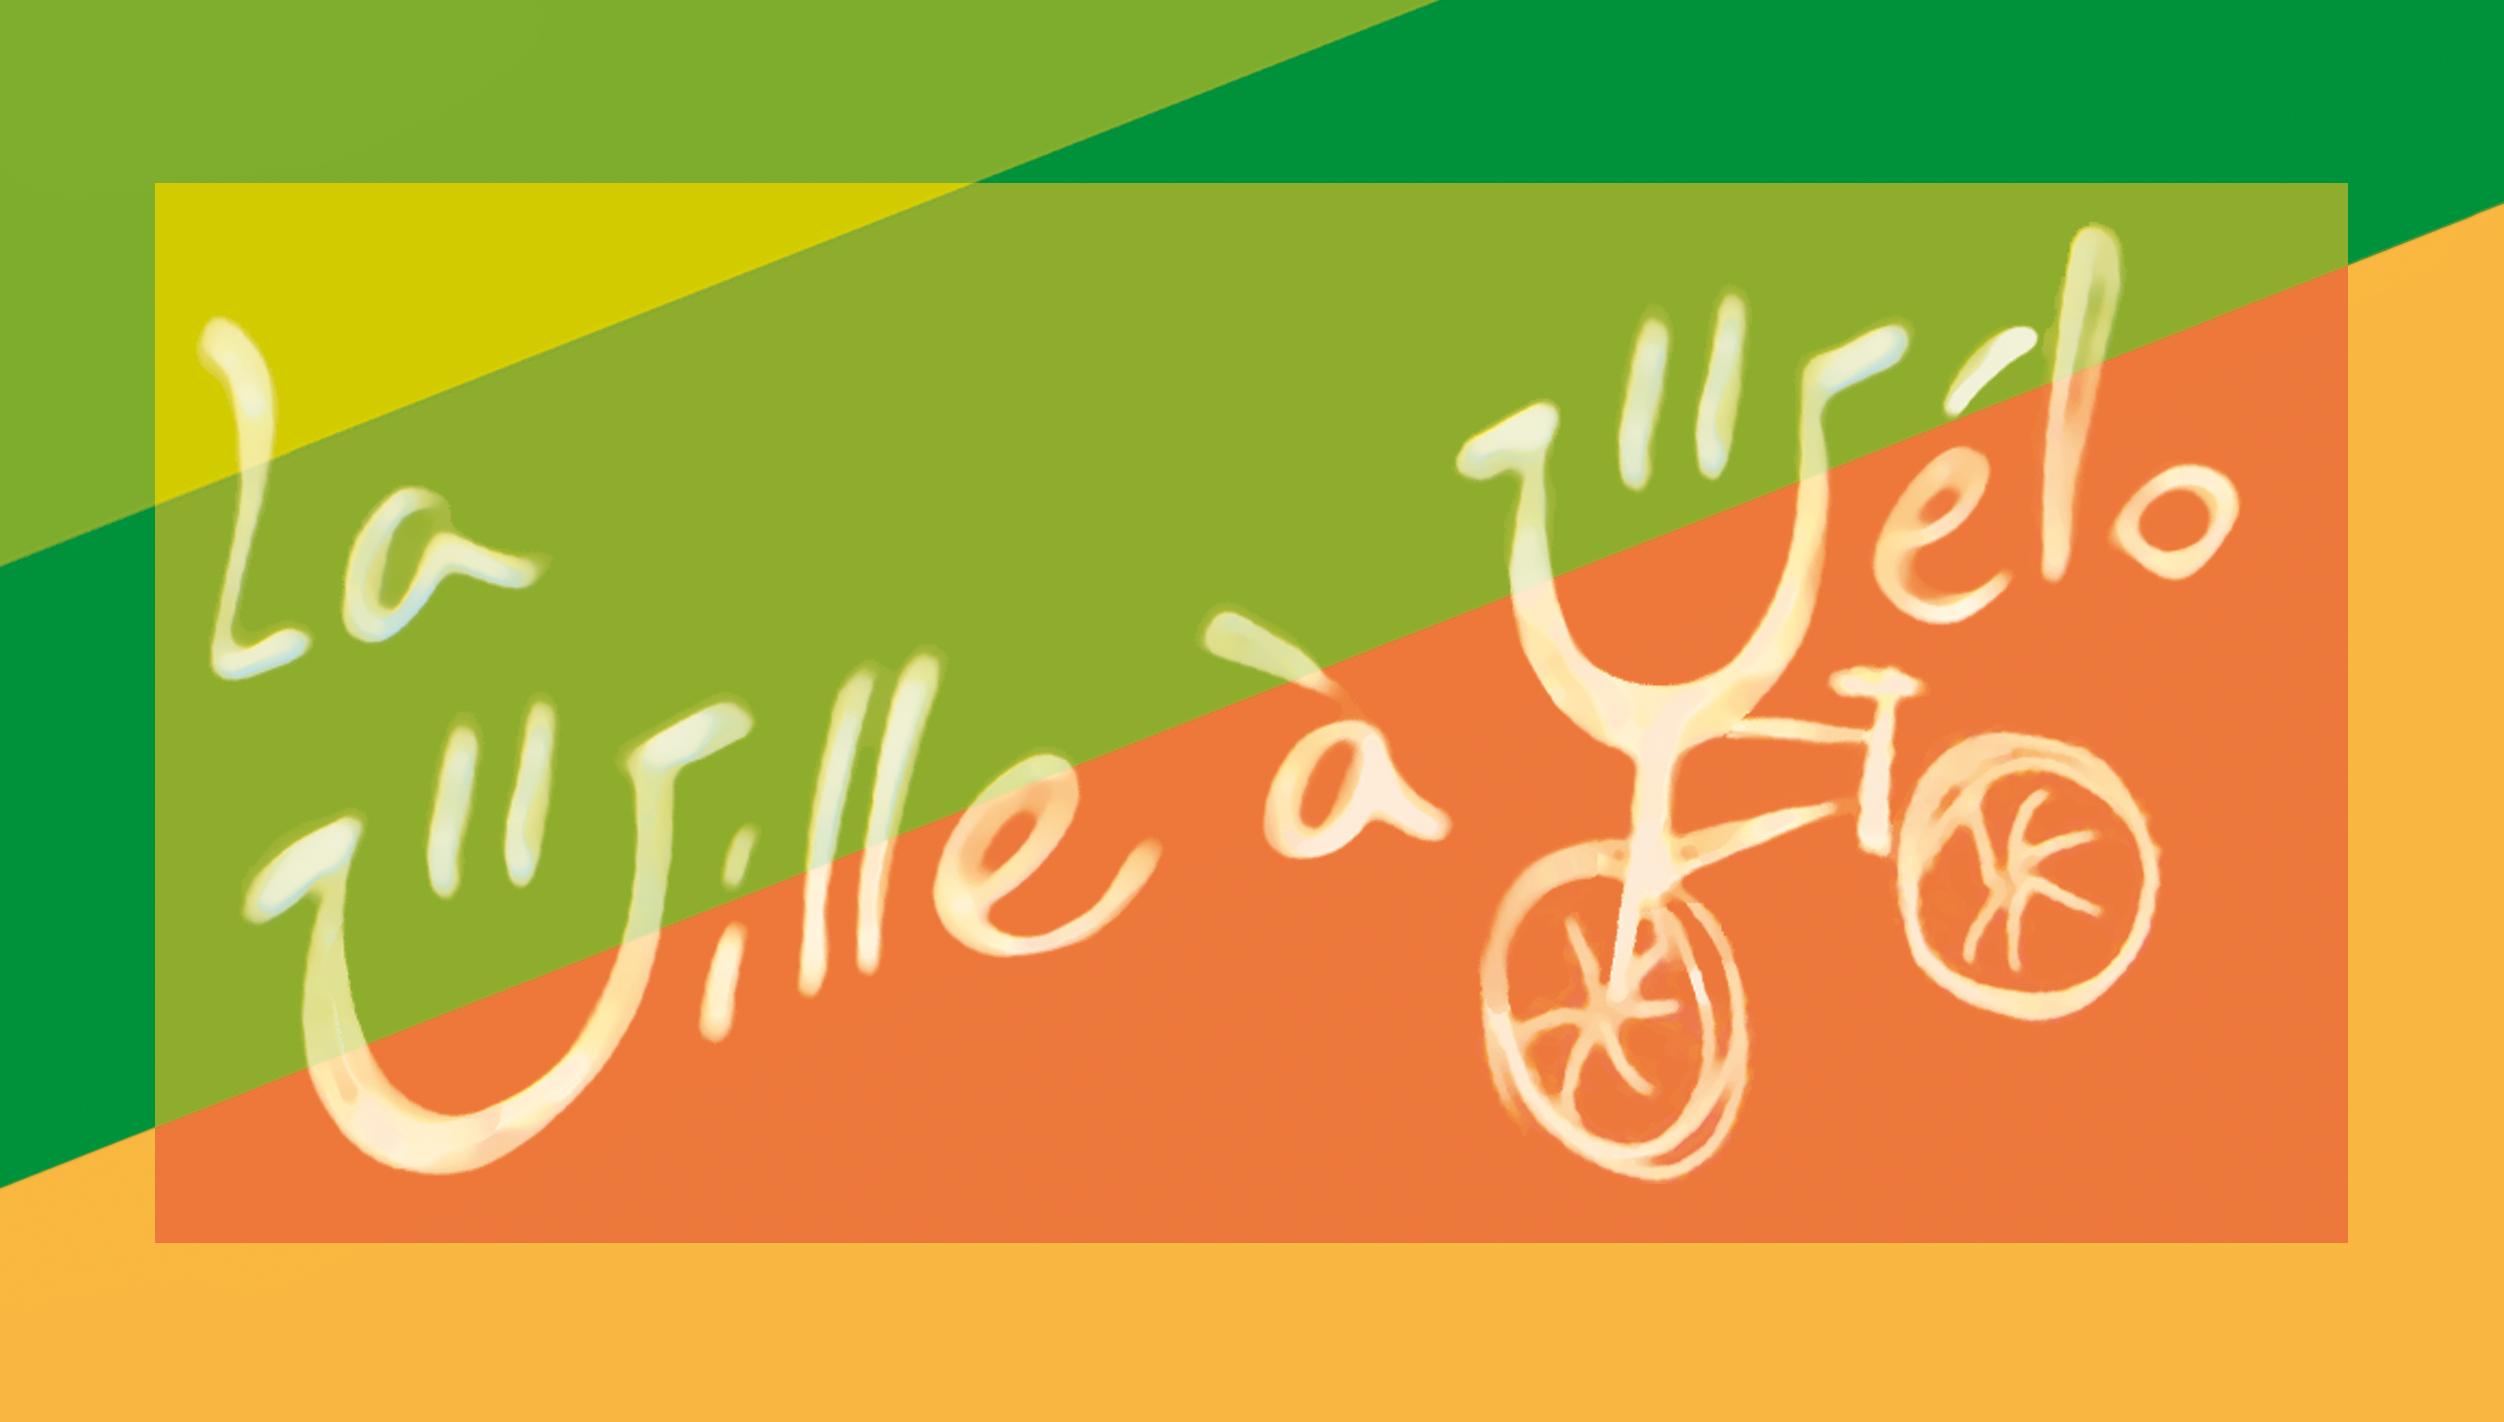 Les Sens Du Bien Etre Chaville rd 910 - avis de la ville à vélo - chaville en transition